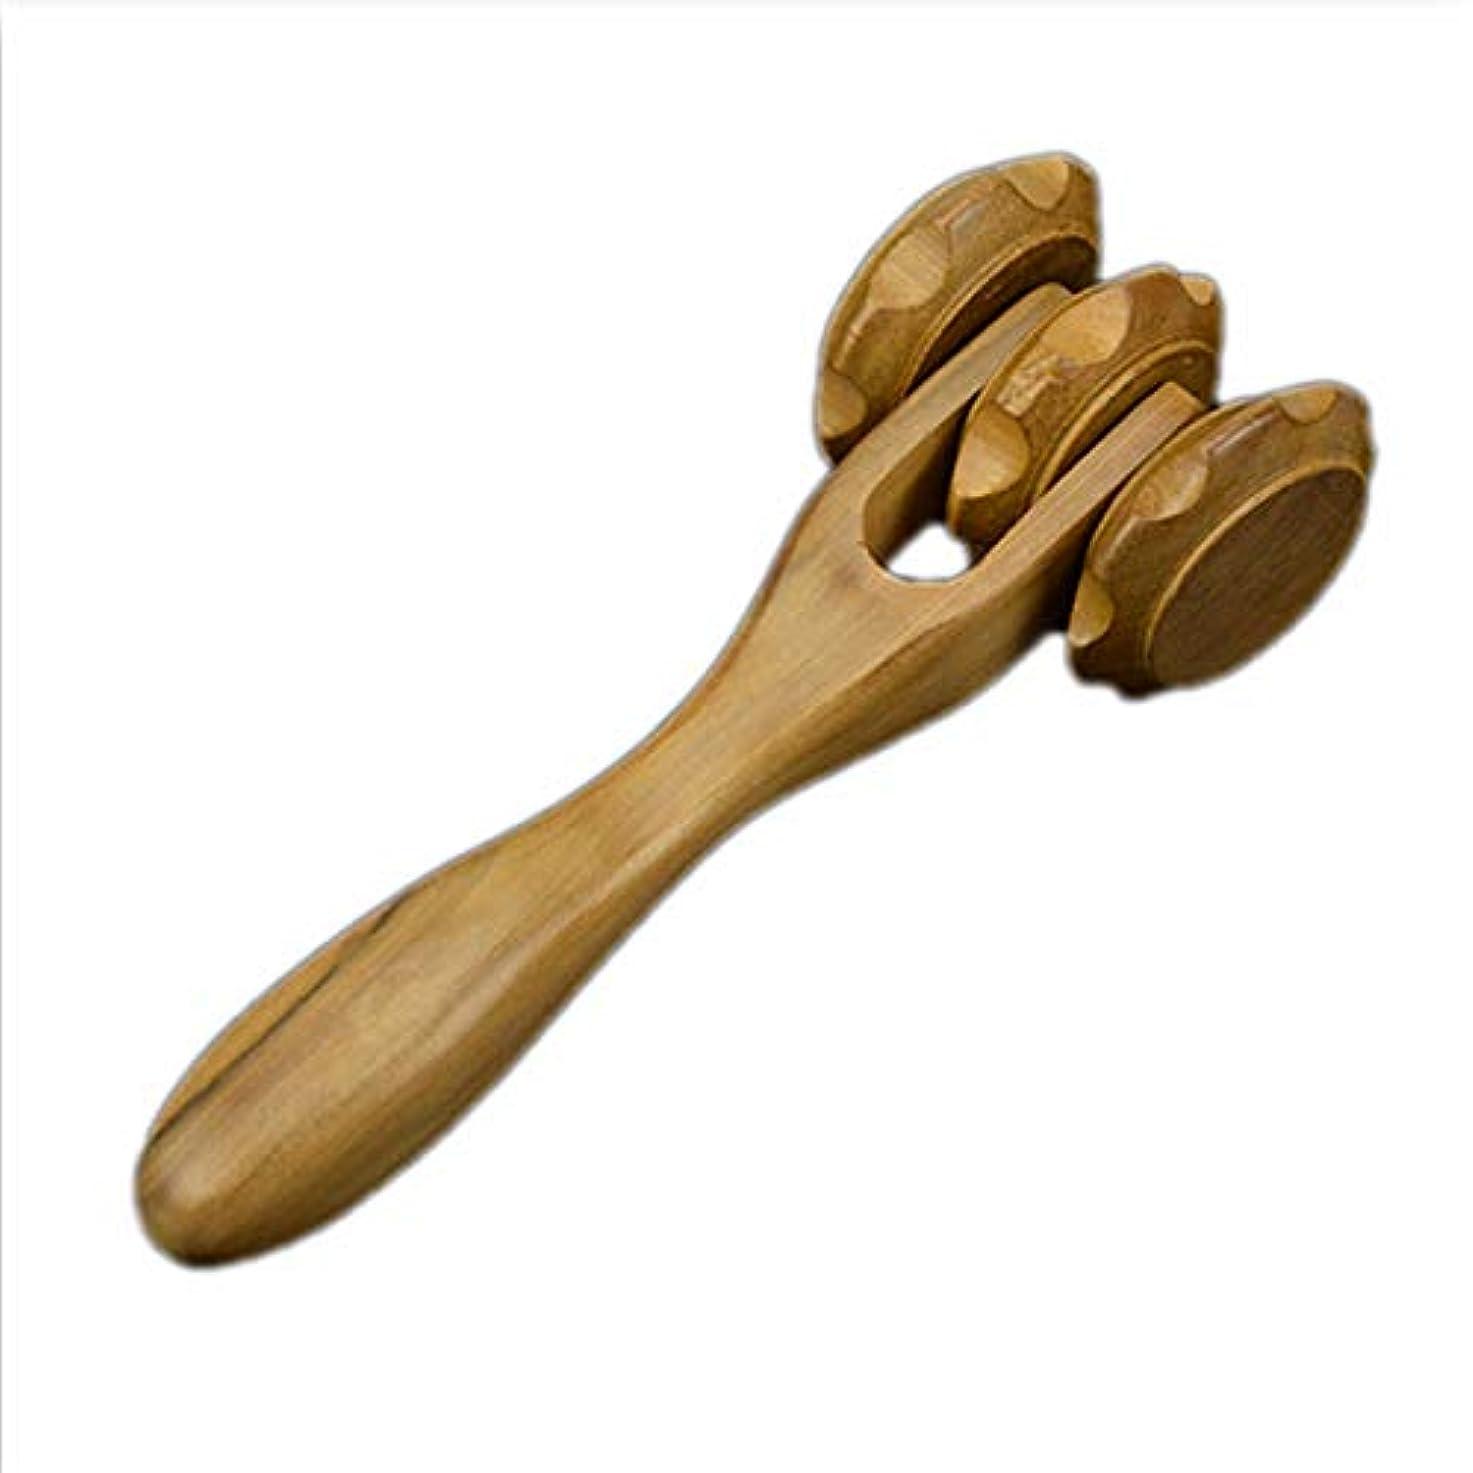 クリエイティブ粘土はちみつフェリモア マッサージローラー 木製 ツボ押し 3連ローラー 首 肩 腰 二の腕 美顔 筋肉 (ブラウン)